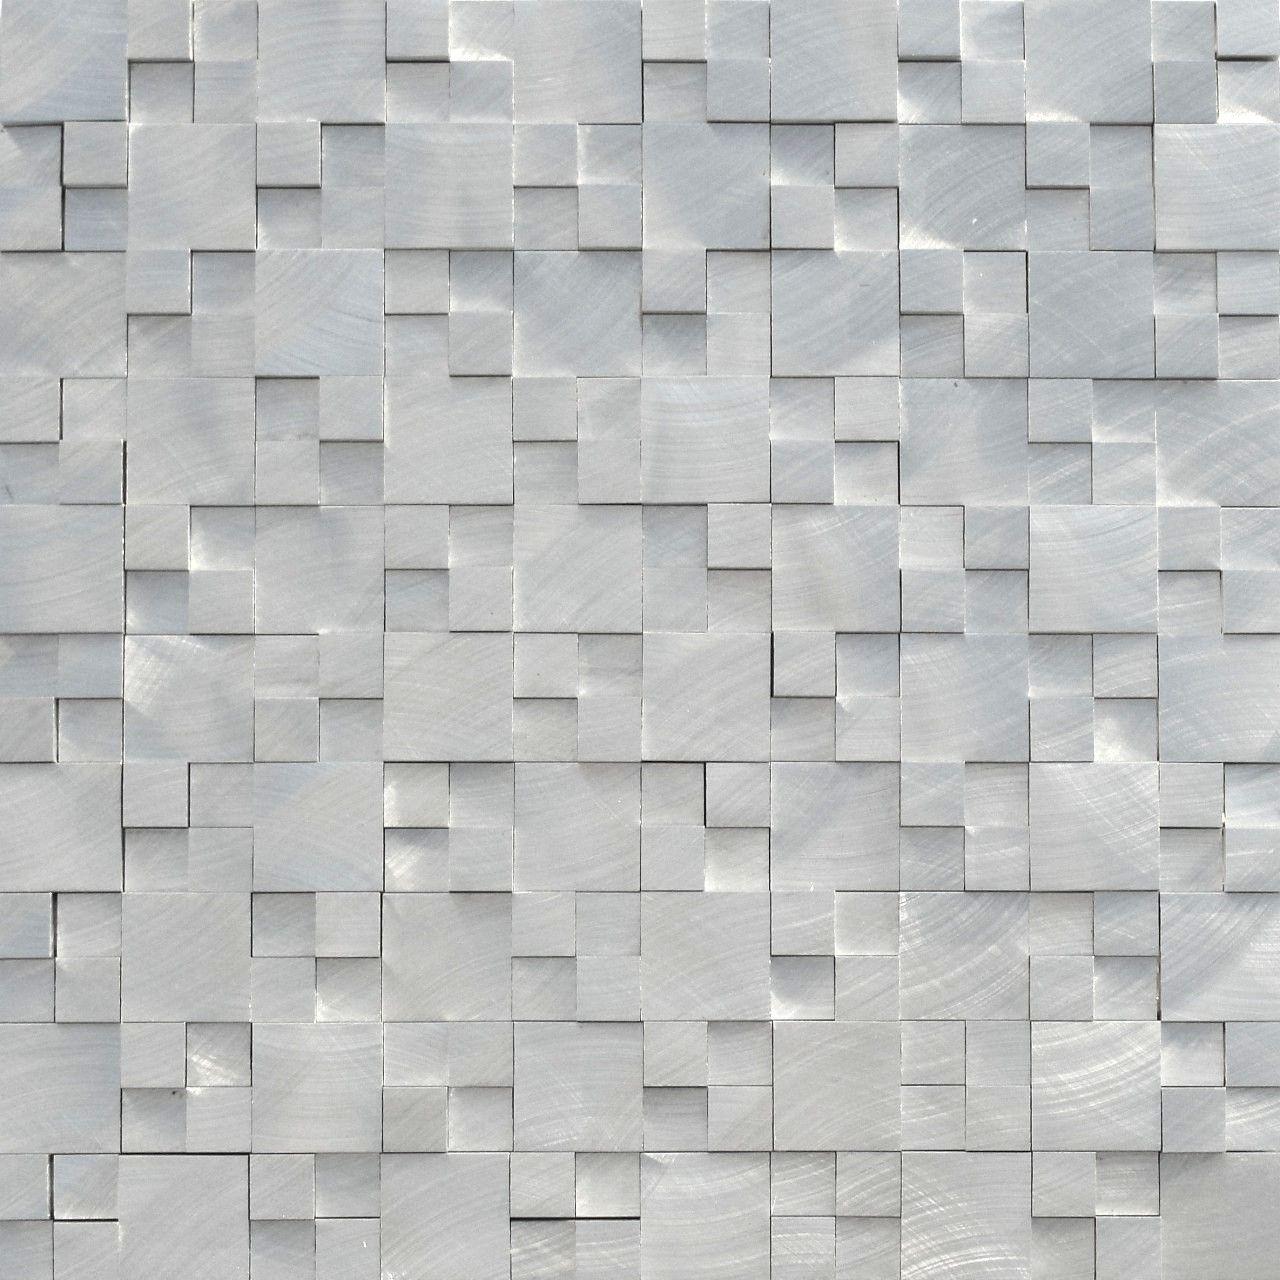 aluminum mosaic tile 3d raised pattern bathrooms mosaic tiles rh pinterest com